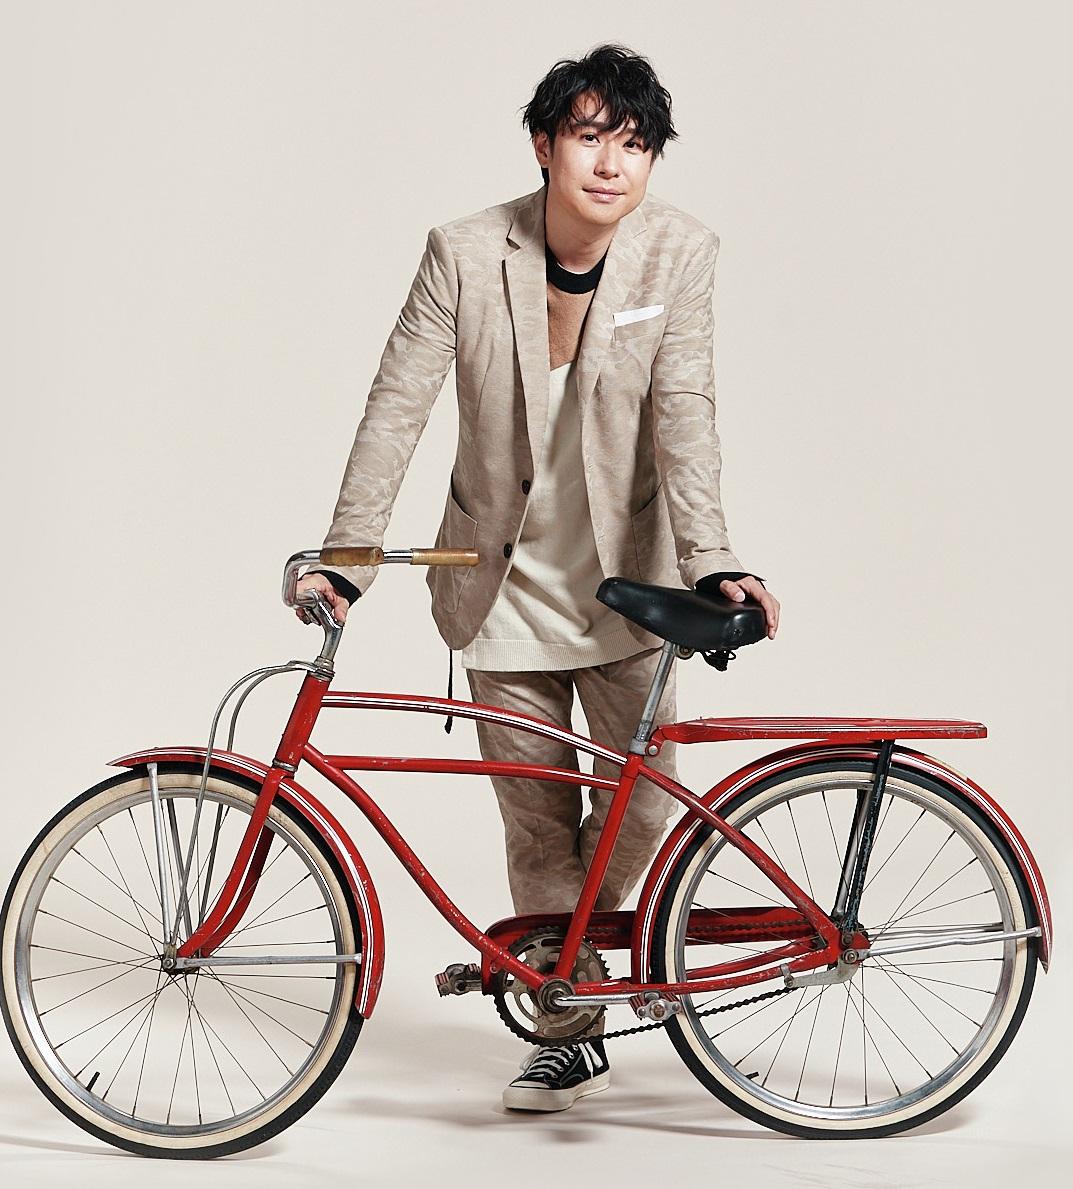 声優・鈴村健一さんがファッション誌「Oggi」でアドリブ撮影!?「モノボケということですね」